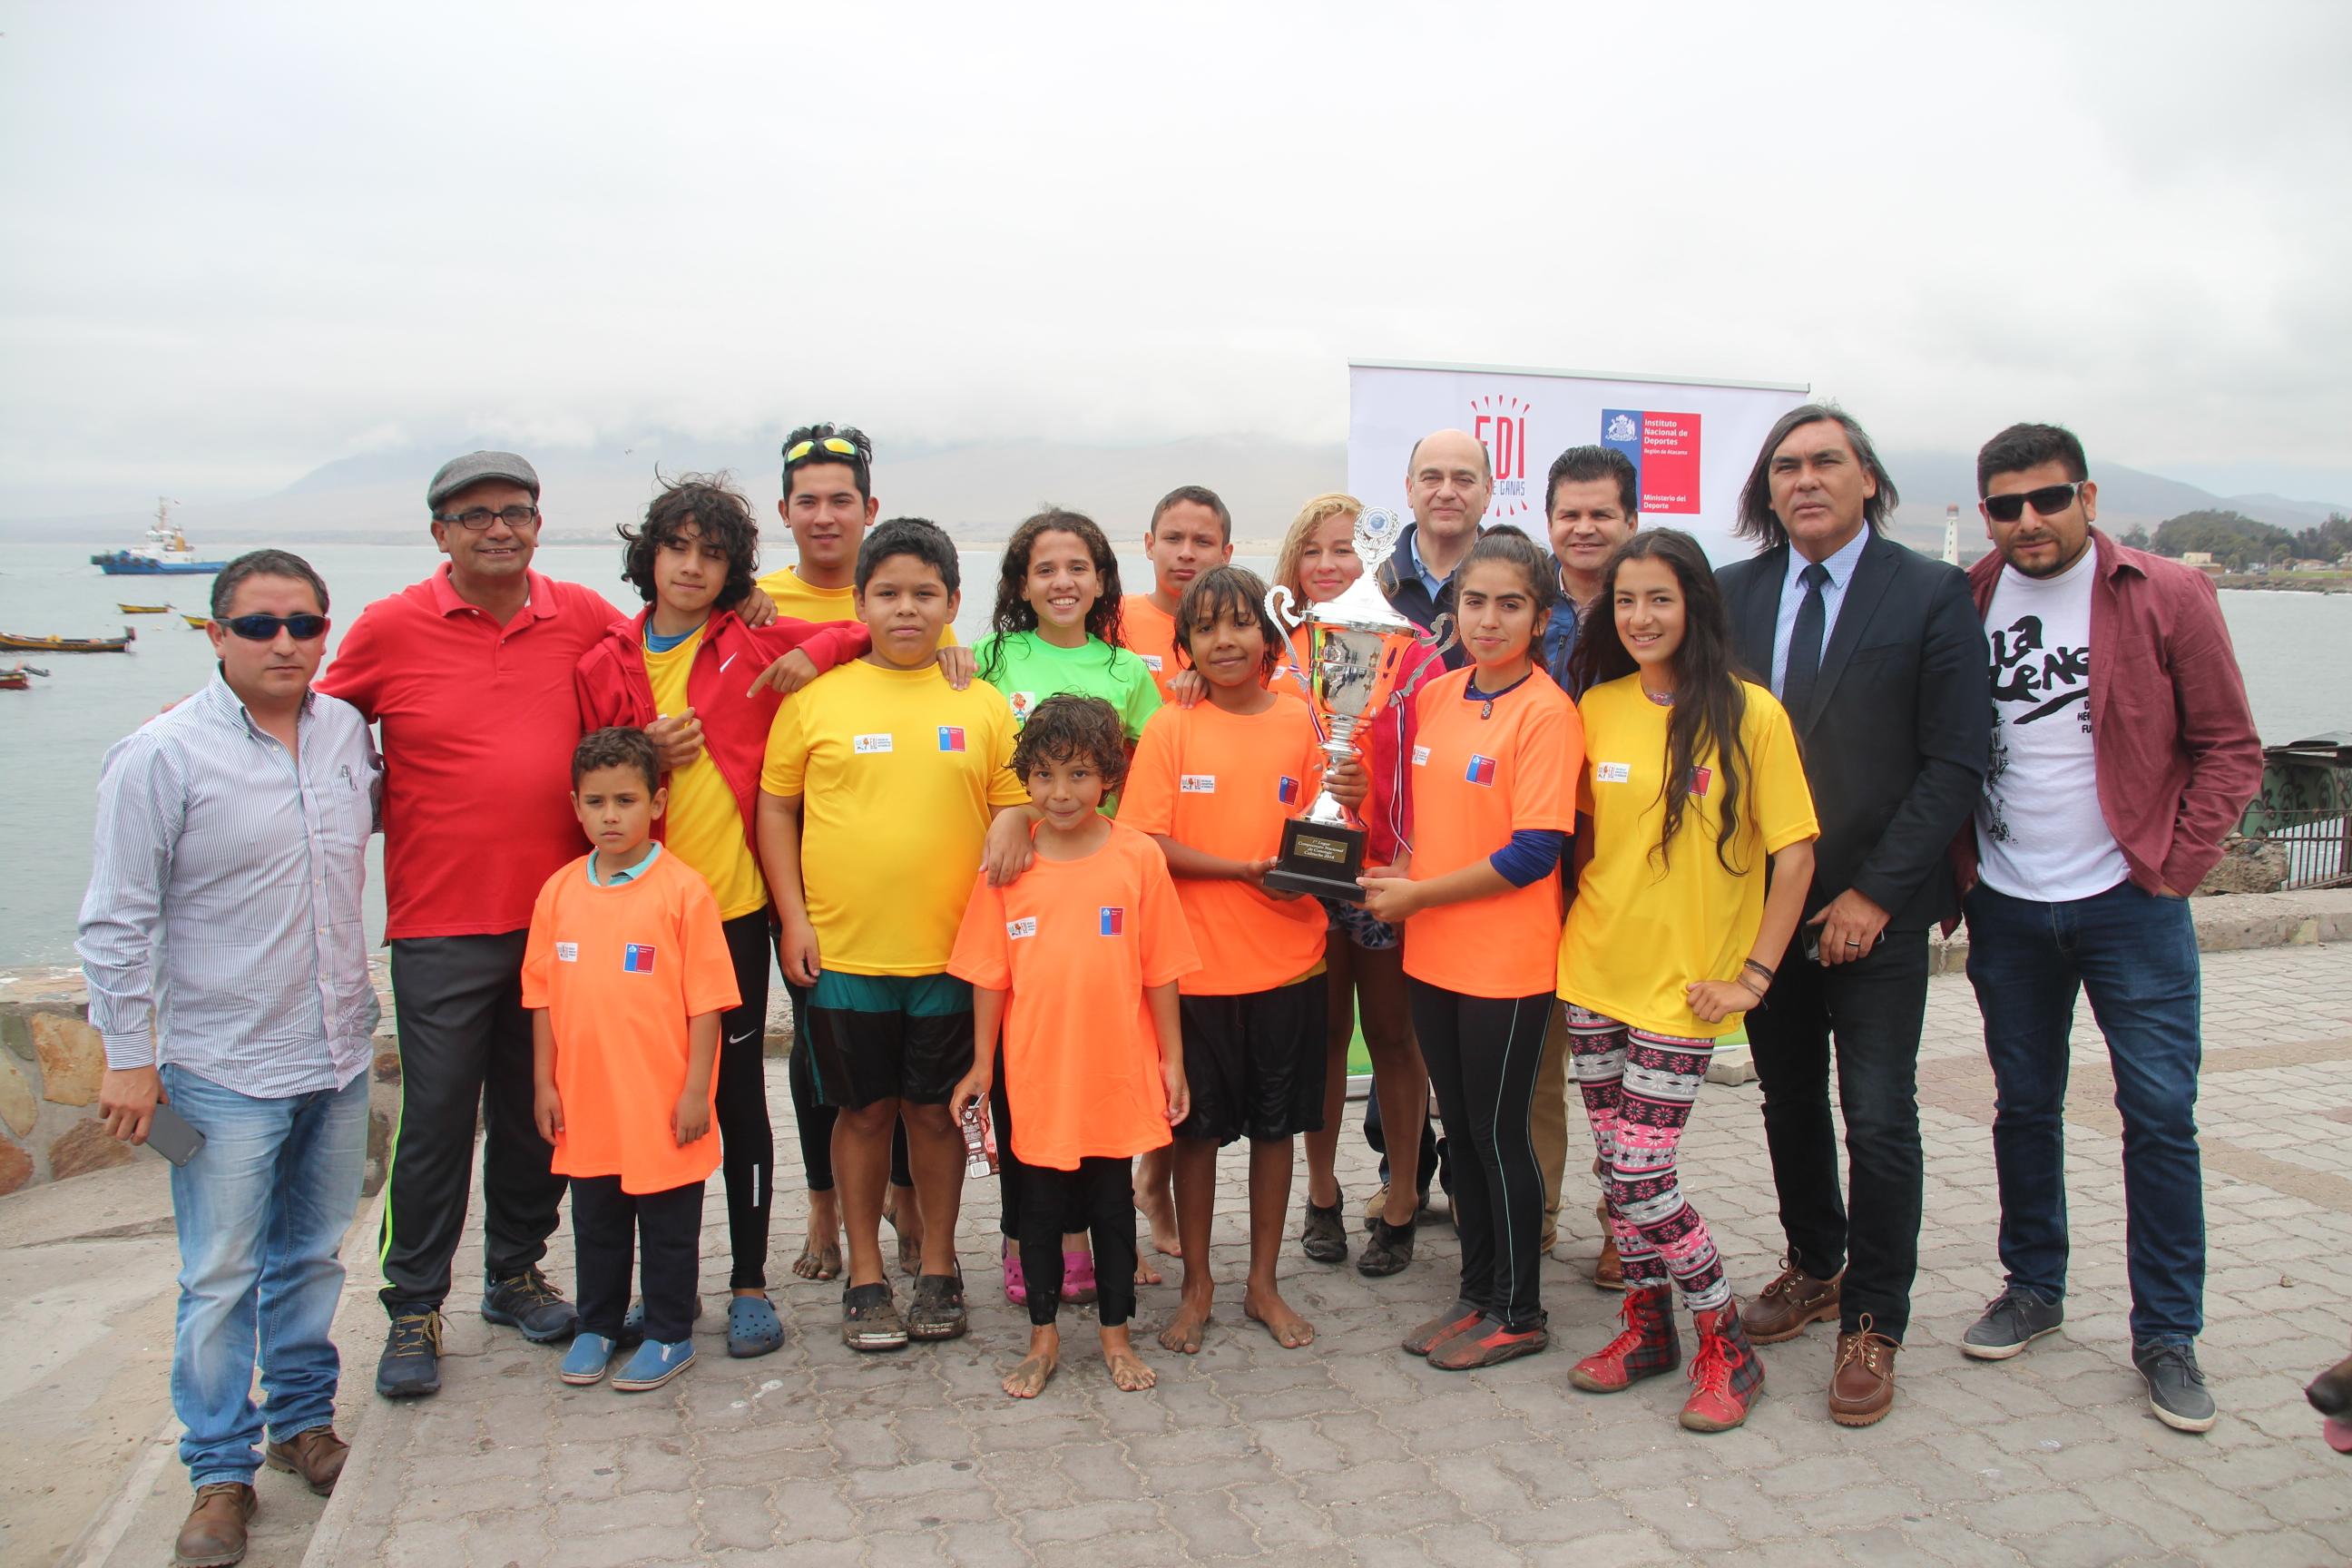 MINDEP, MUNICIPIO DE HUASCO Y GUACOLDA AES GENER RECONOCEN A CAMPEONES DE CANOTAJE